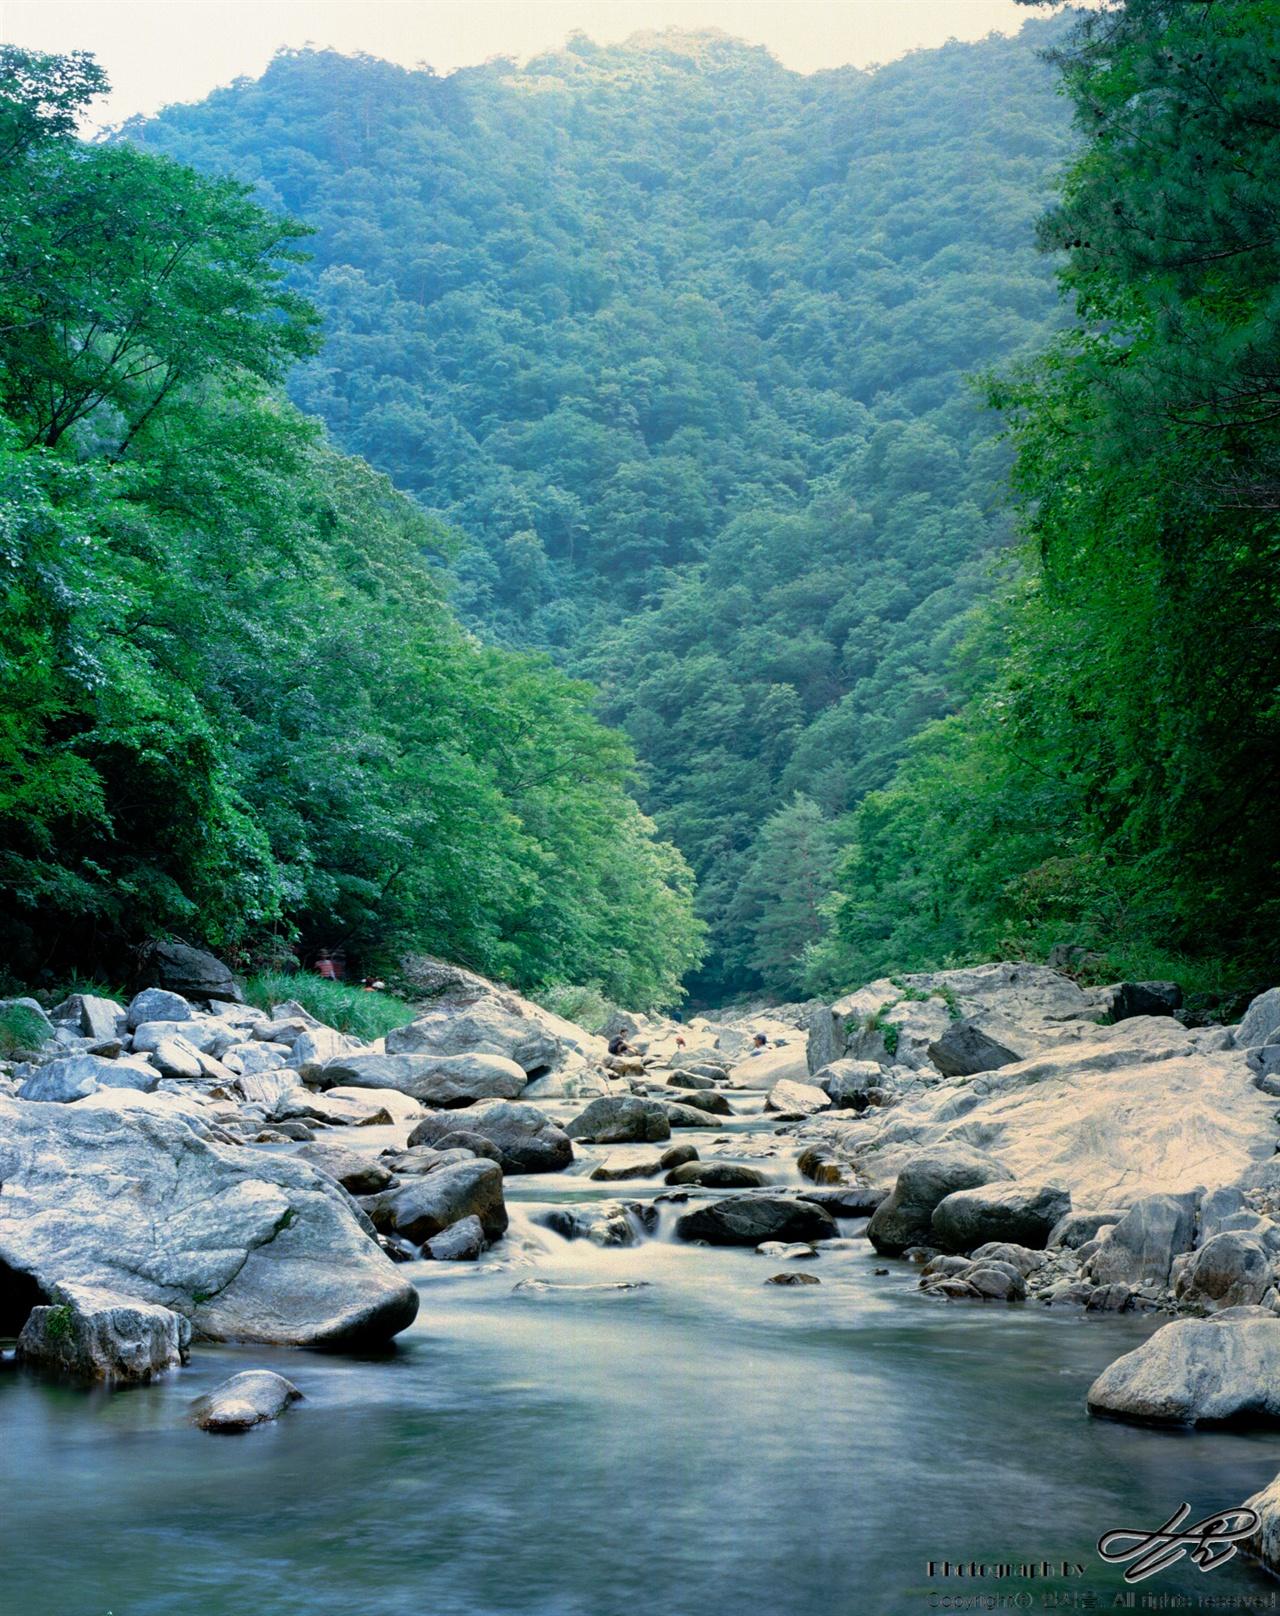 아침가리계곡 (6*7중형/Ektar100)방태산을 뒤로 하여 힘차게 내려오고 있는 아침가리계곡의 물